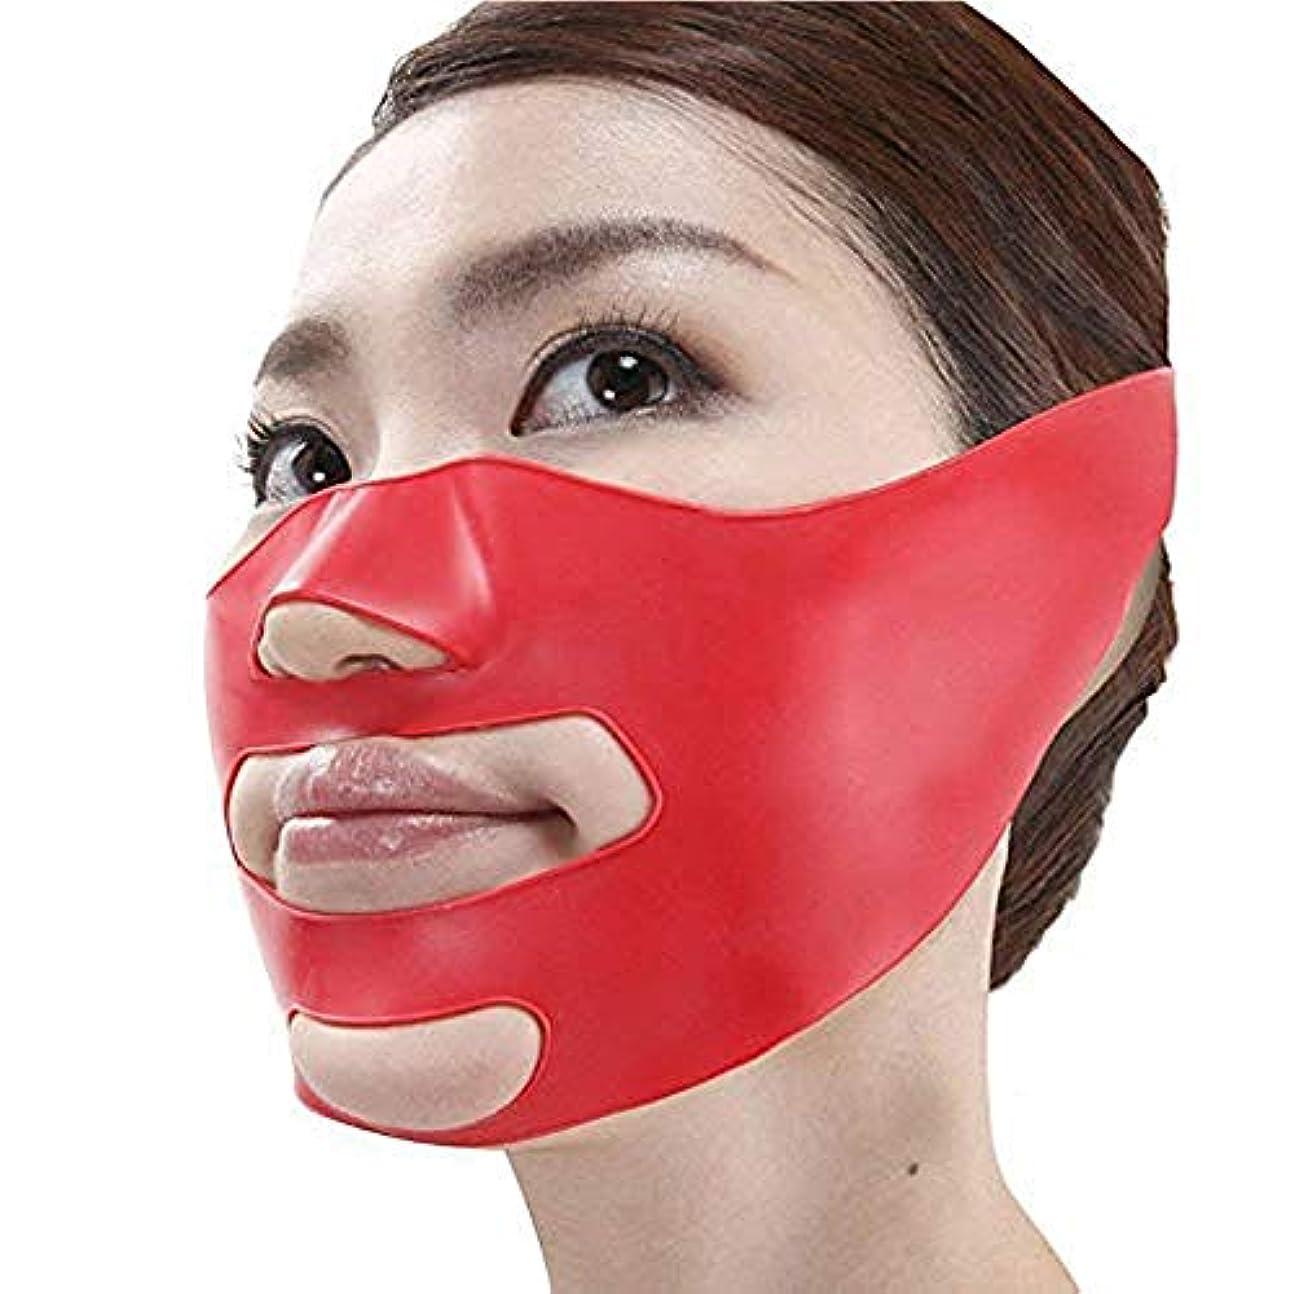 ブリッジちなみに深めるLindexs 小顔矯正 マスク 小顔補正ベルト ほうれい線 3Dエクササイズマスク リフトスリムマスク 抗シワ サウナマスク 法令線予防 美容グッ (フリーサイズ)